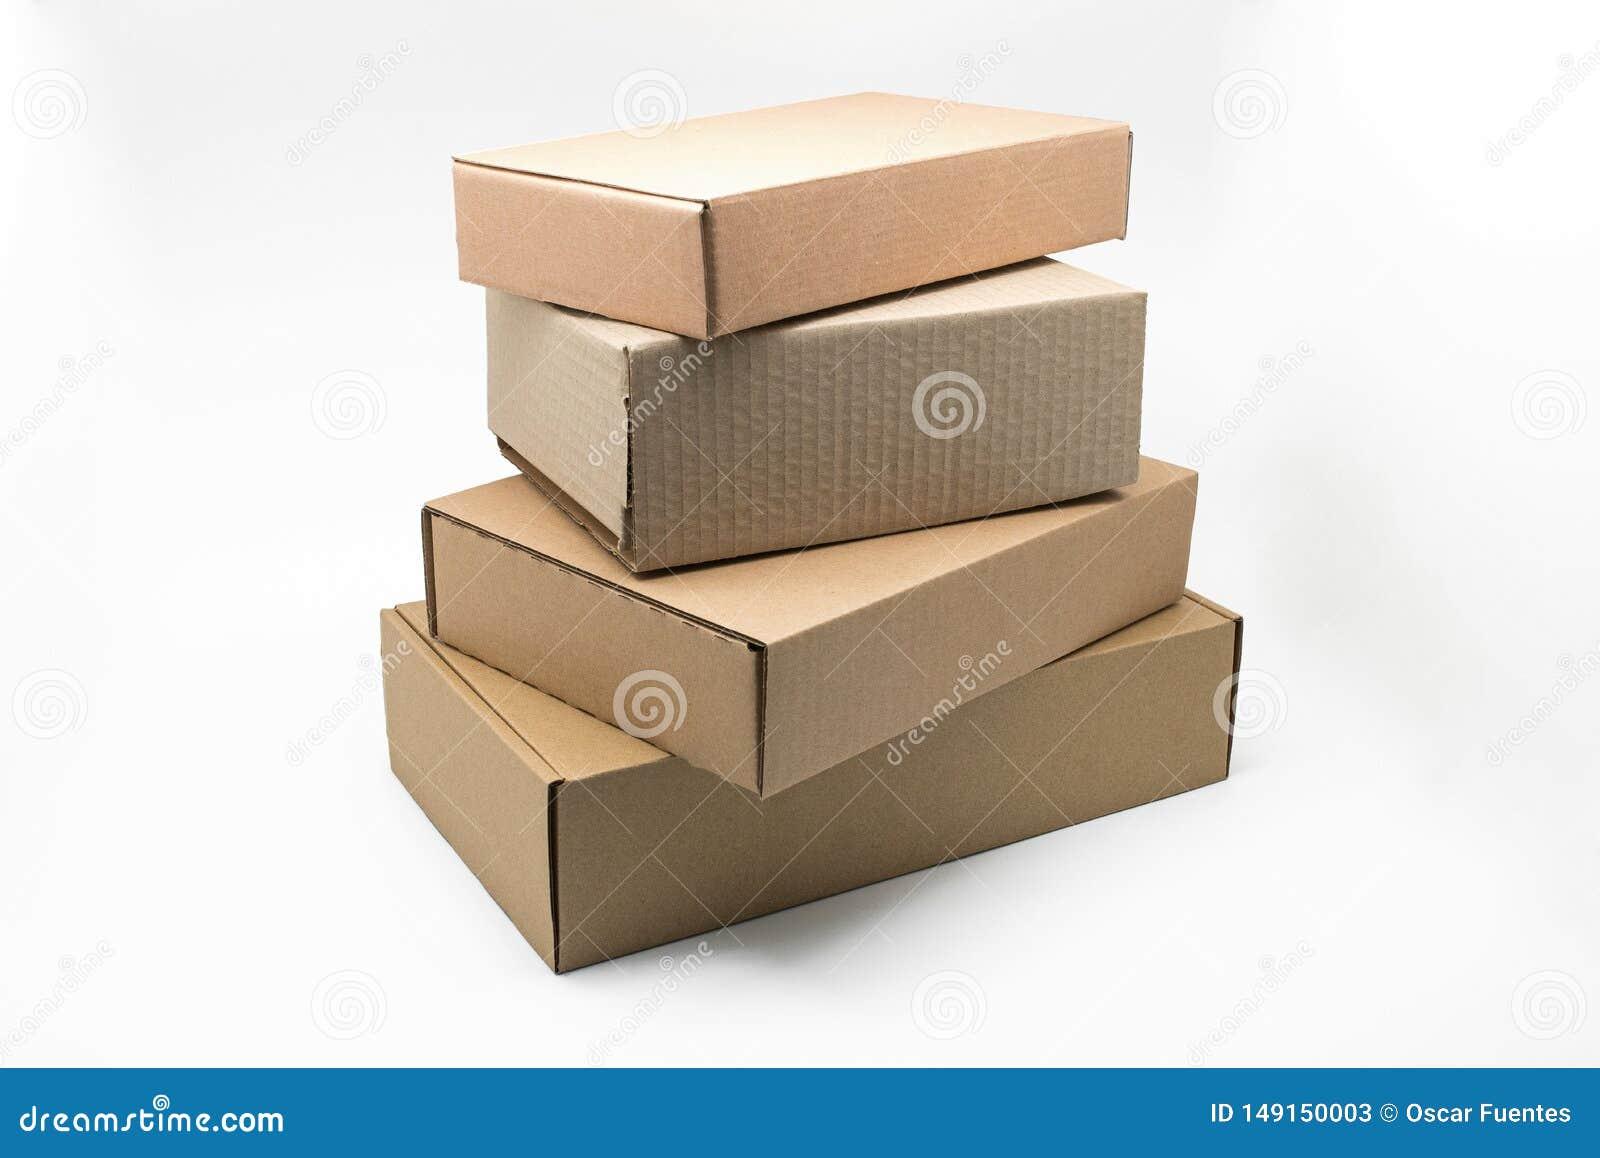 Cajas apiladas de cartulina marr?n en un fondo blanco, material reciclable